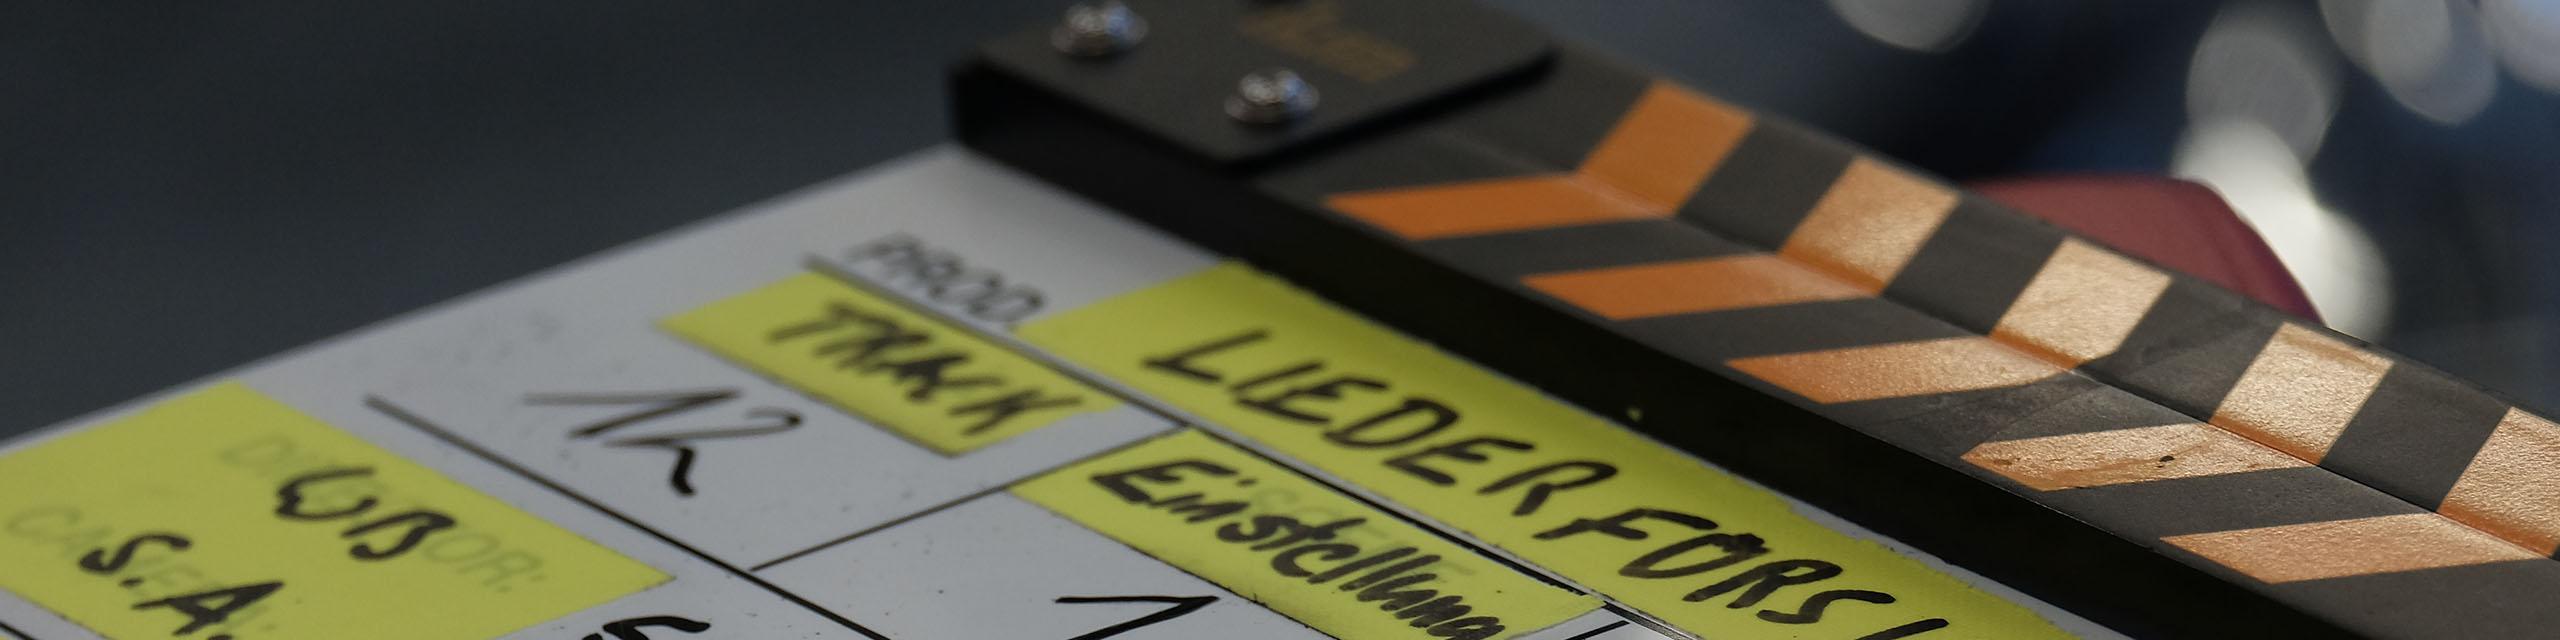 Filmklappe Titelbild für Kontakt & Angebot